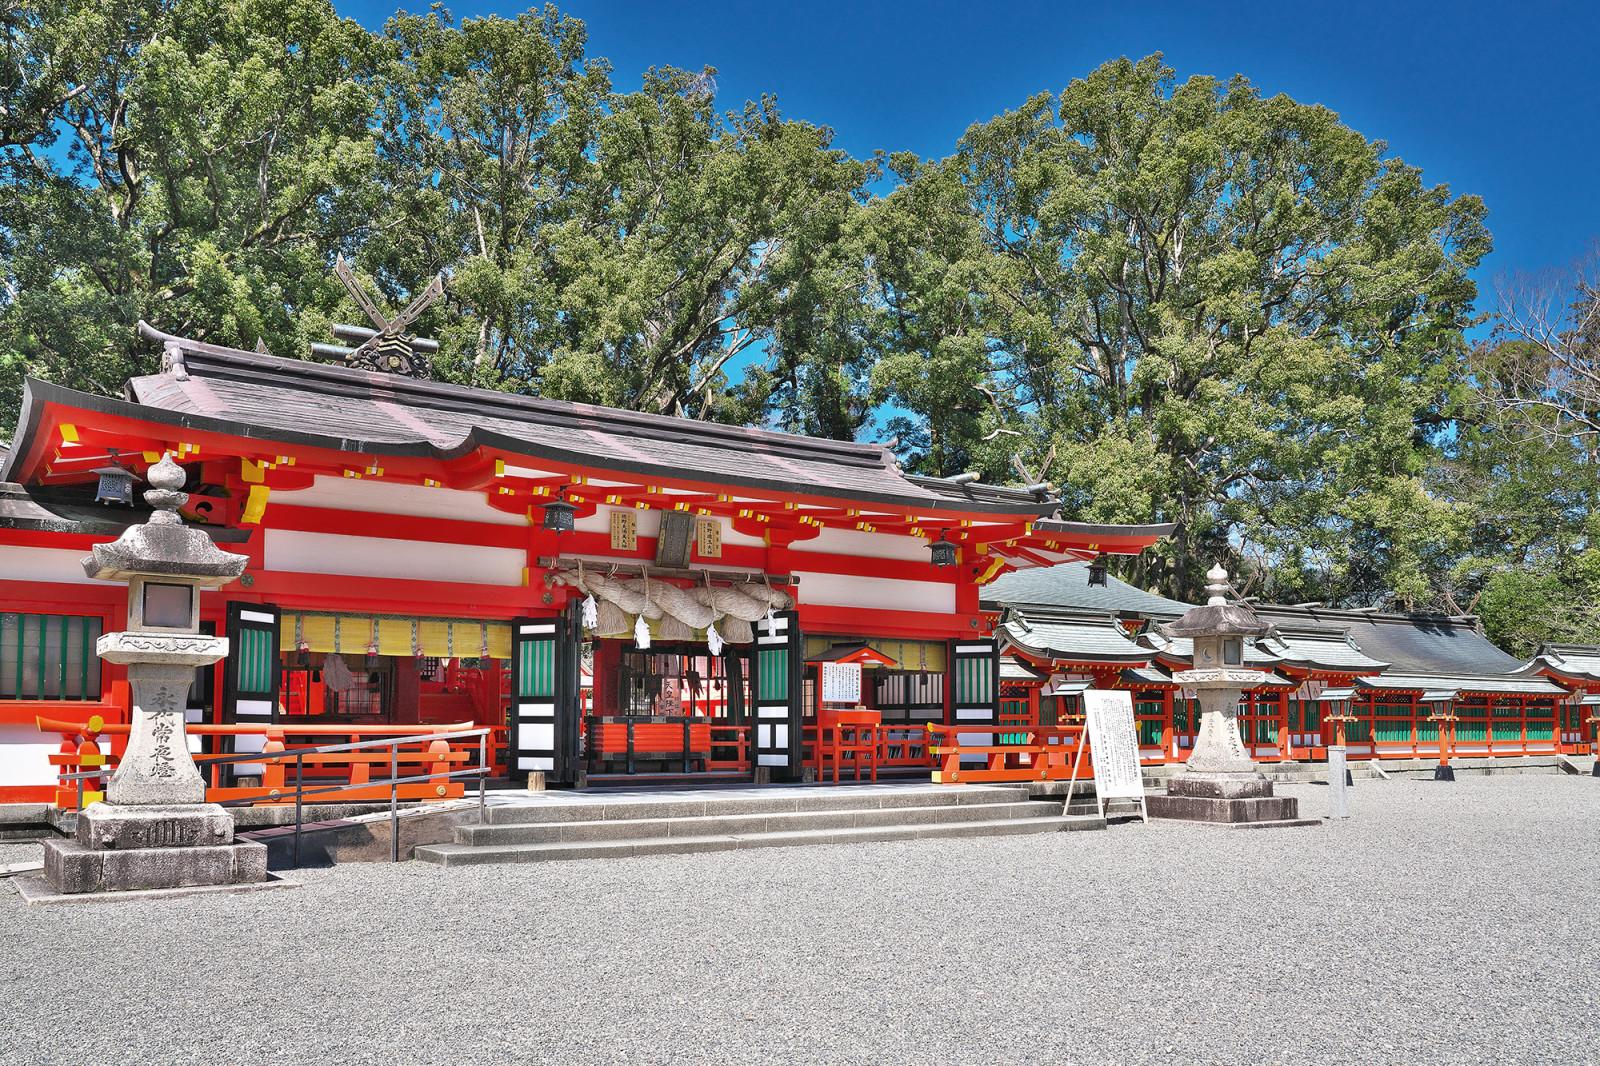 わかやま観光 熊野速玉大社 | 和歌山県公式観光サイト